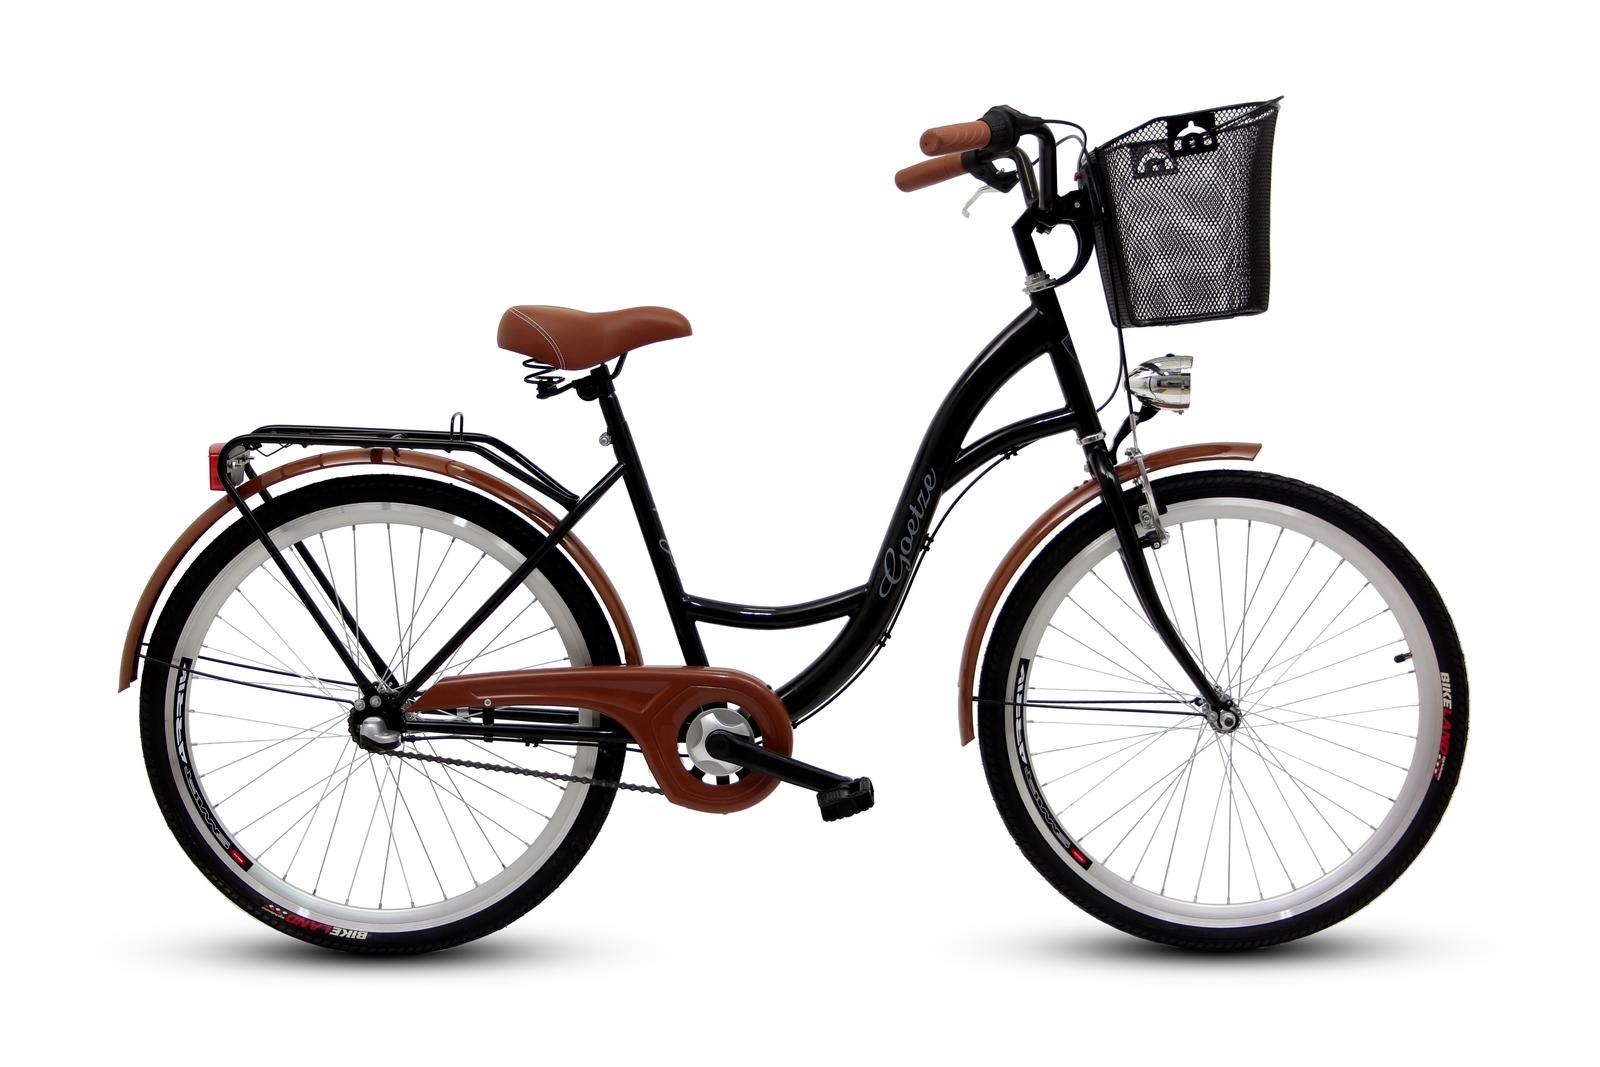 Dámsky mestský bicykel GOETZE 26, 3-rýchlostný kôš zadarmo!  Váha 16 kg